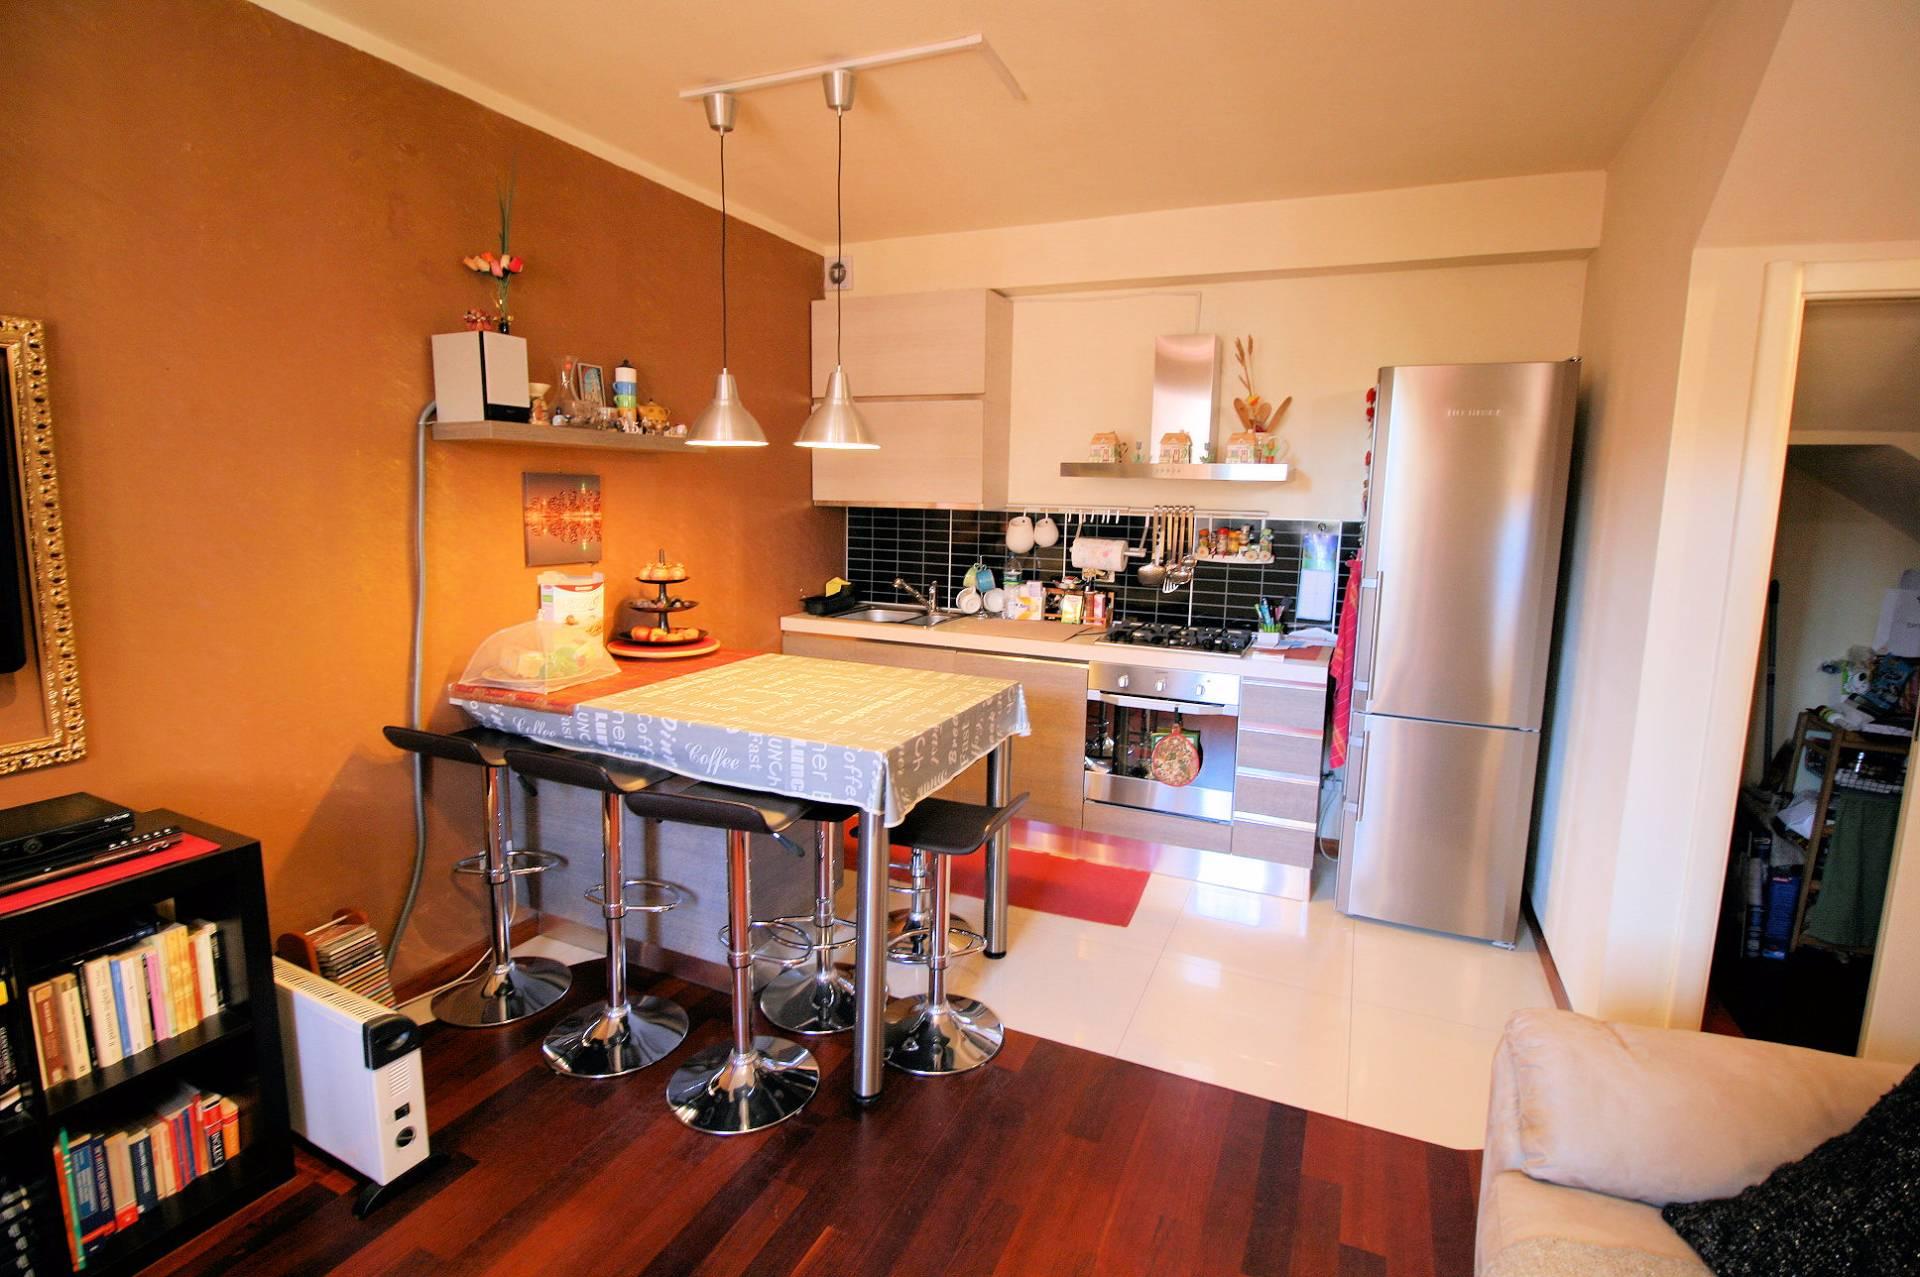 Appartamento in vendita a Altopascio, 3 locali, prezzo € 155.000 | PortaleAgenzieImmobiliari.it